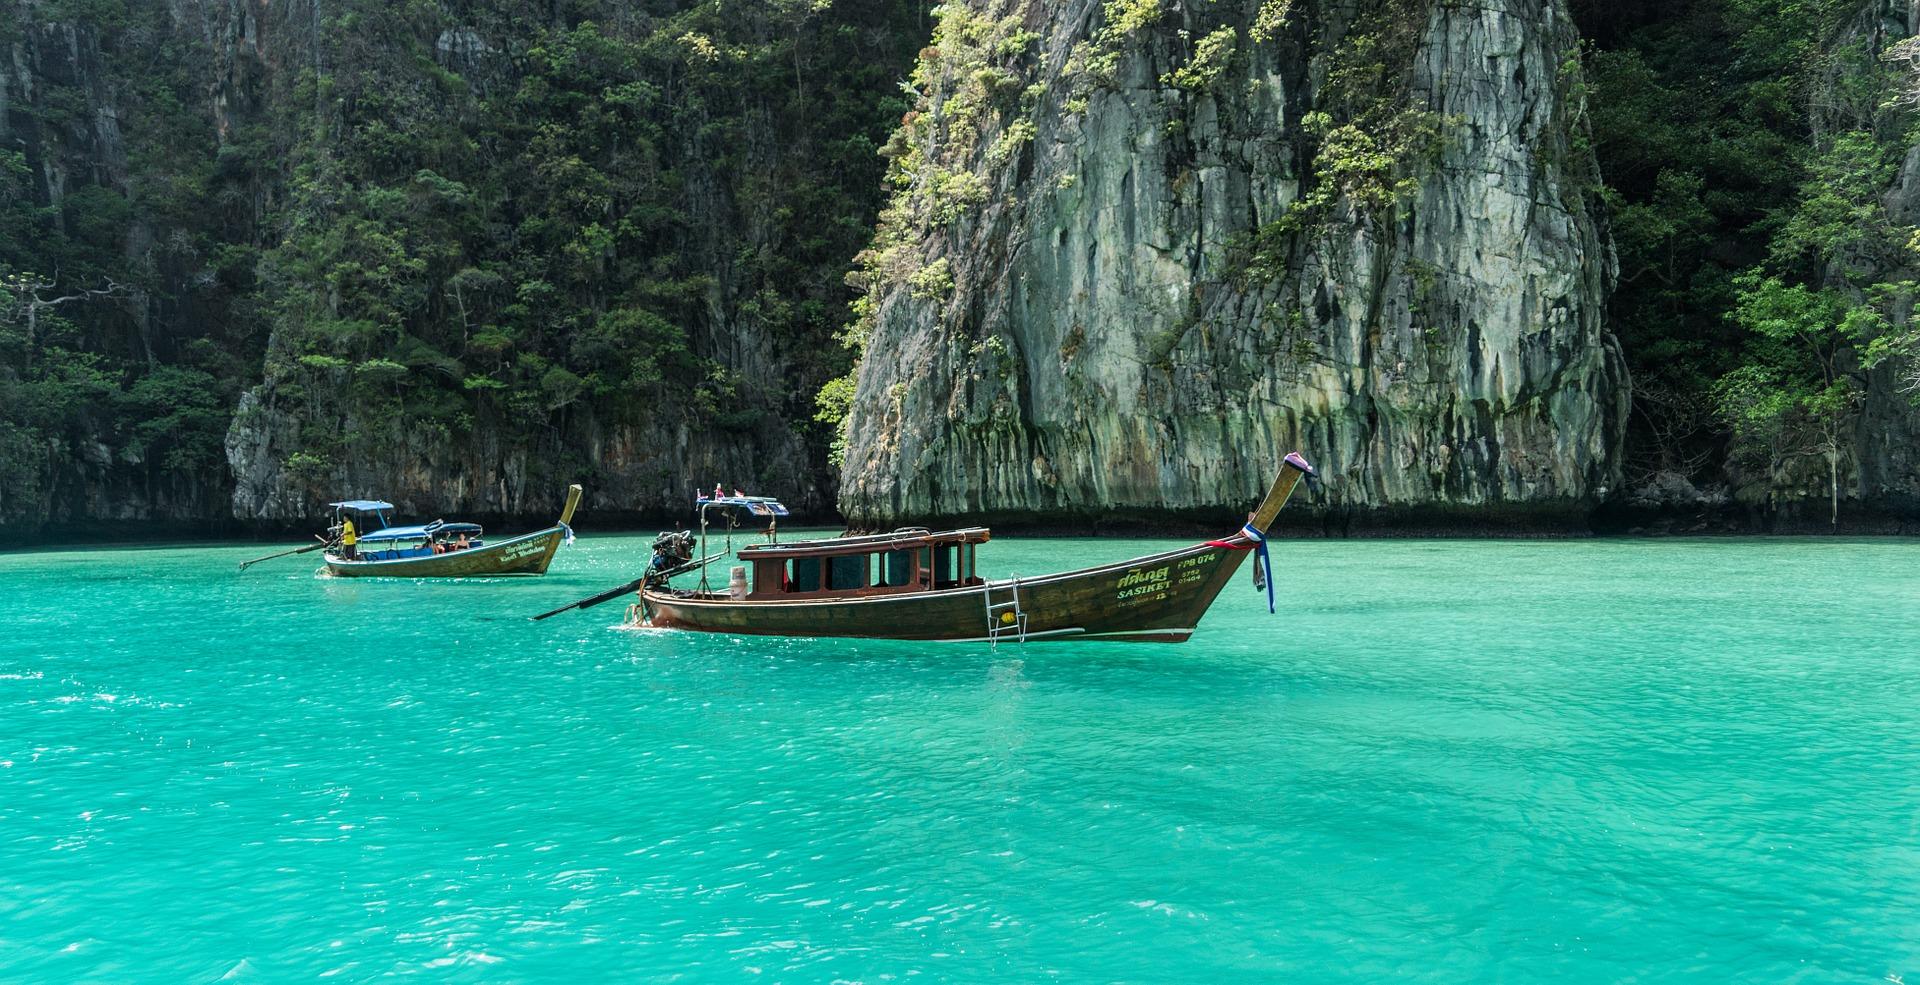 Koh Phi Phi & Koh Lanta Urlaub in Thailand - Unternehmen Sie einen Ausflug von Krabi nach Phi Phi Island